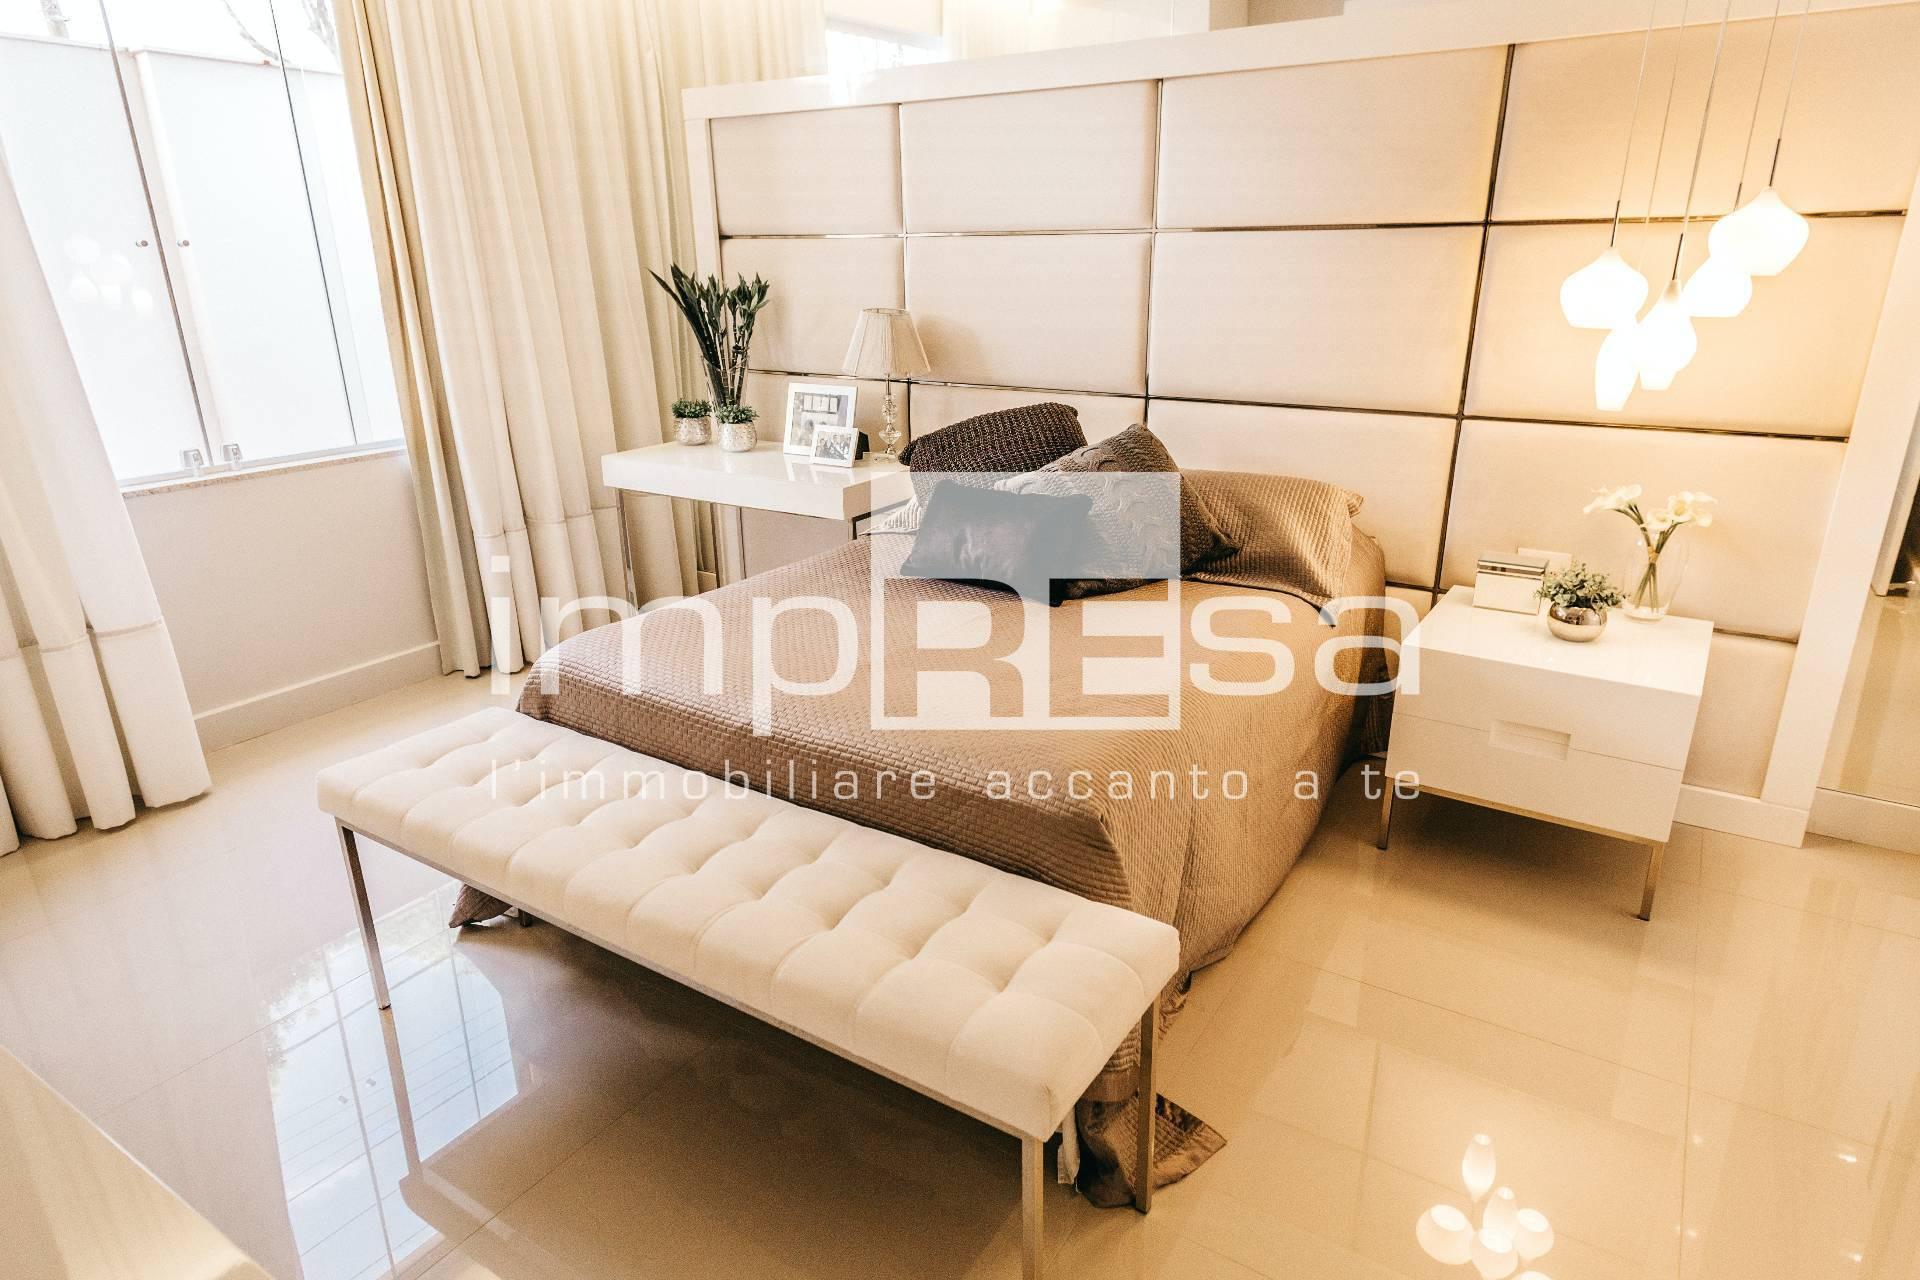 Appartamento in vendita a Paese, 3 locali, zona Zona: Padernello, prezzo € 164.060   CambioCasa.it